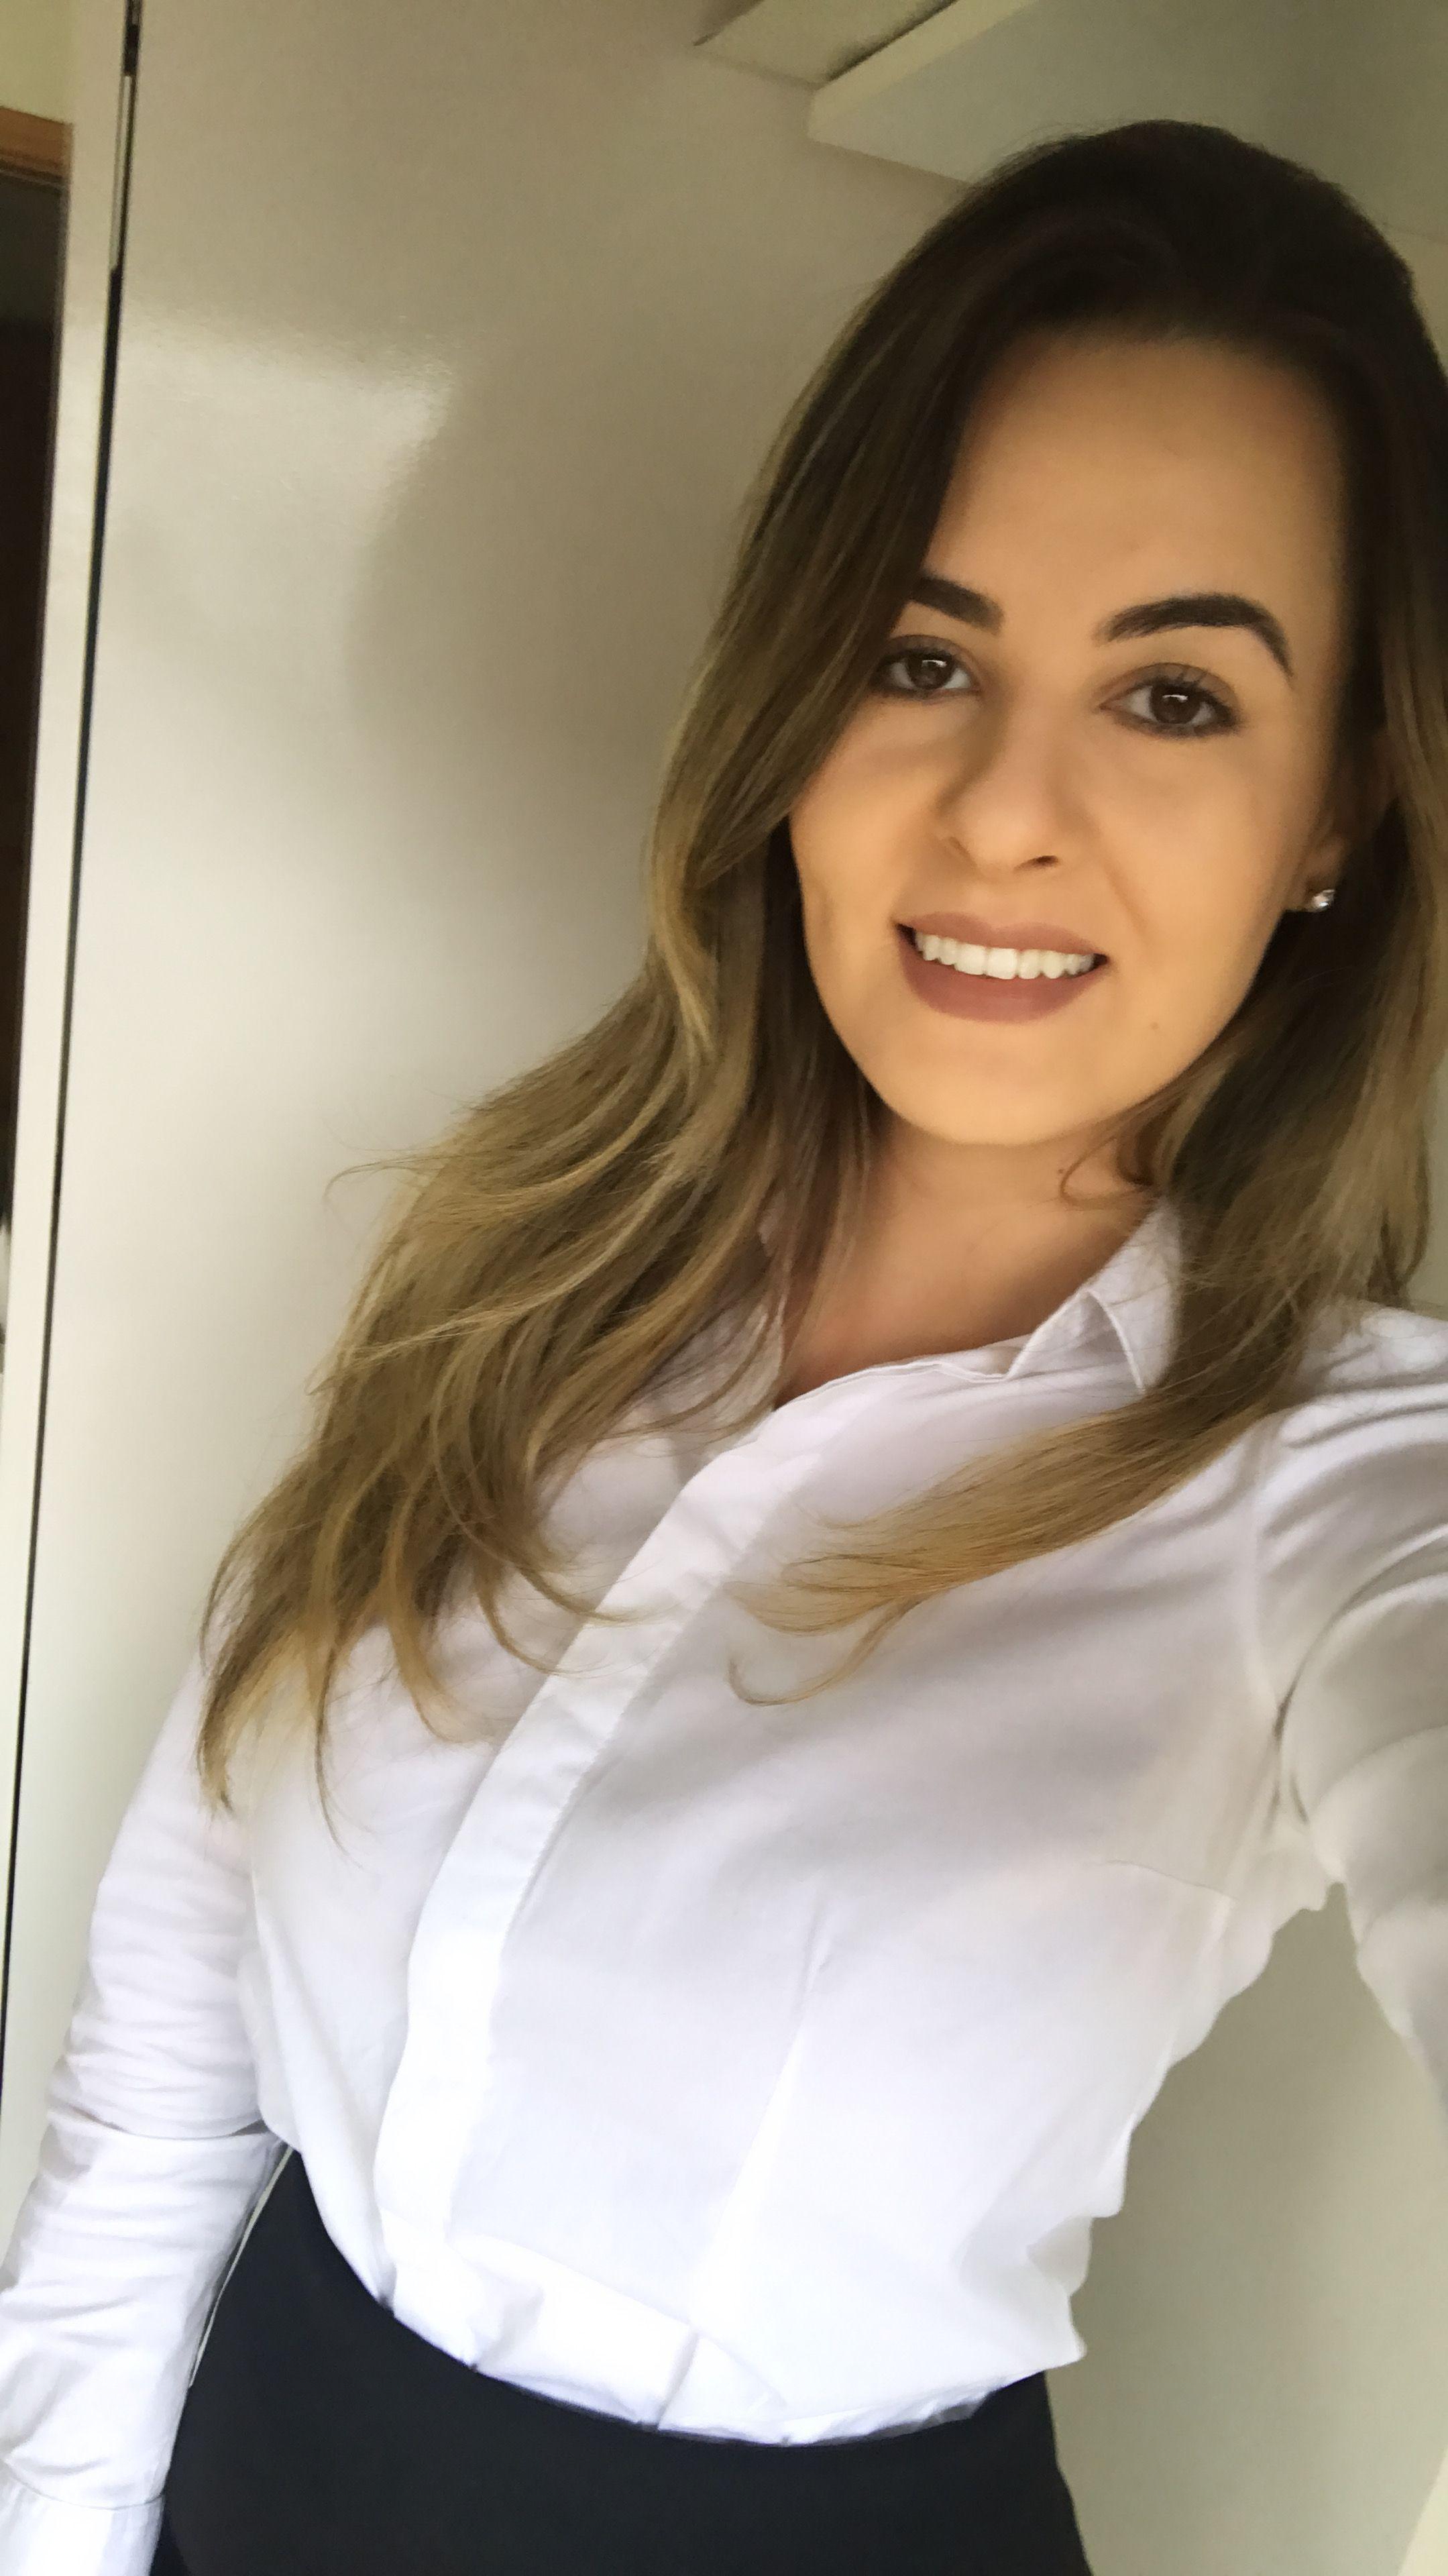 Laiara Portela Muller